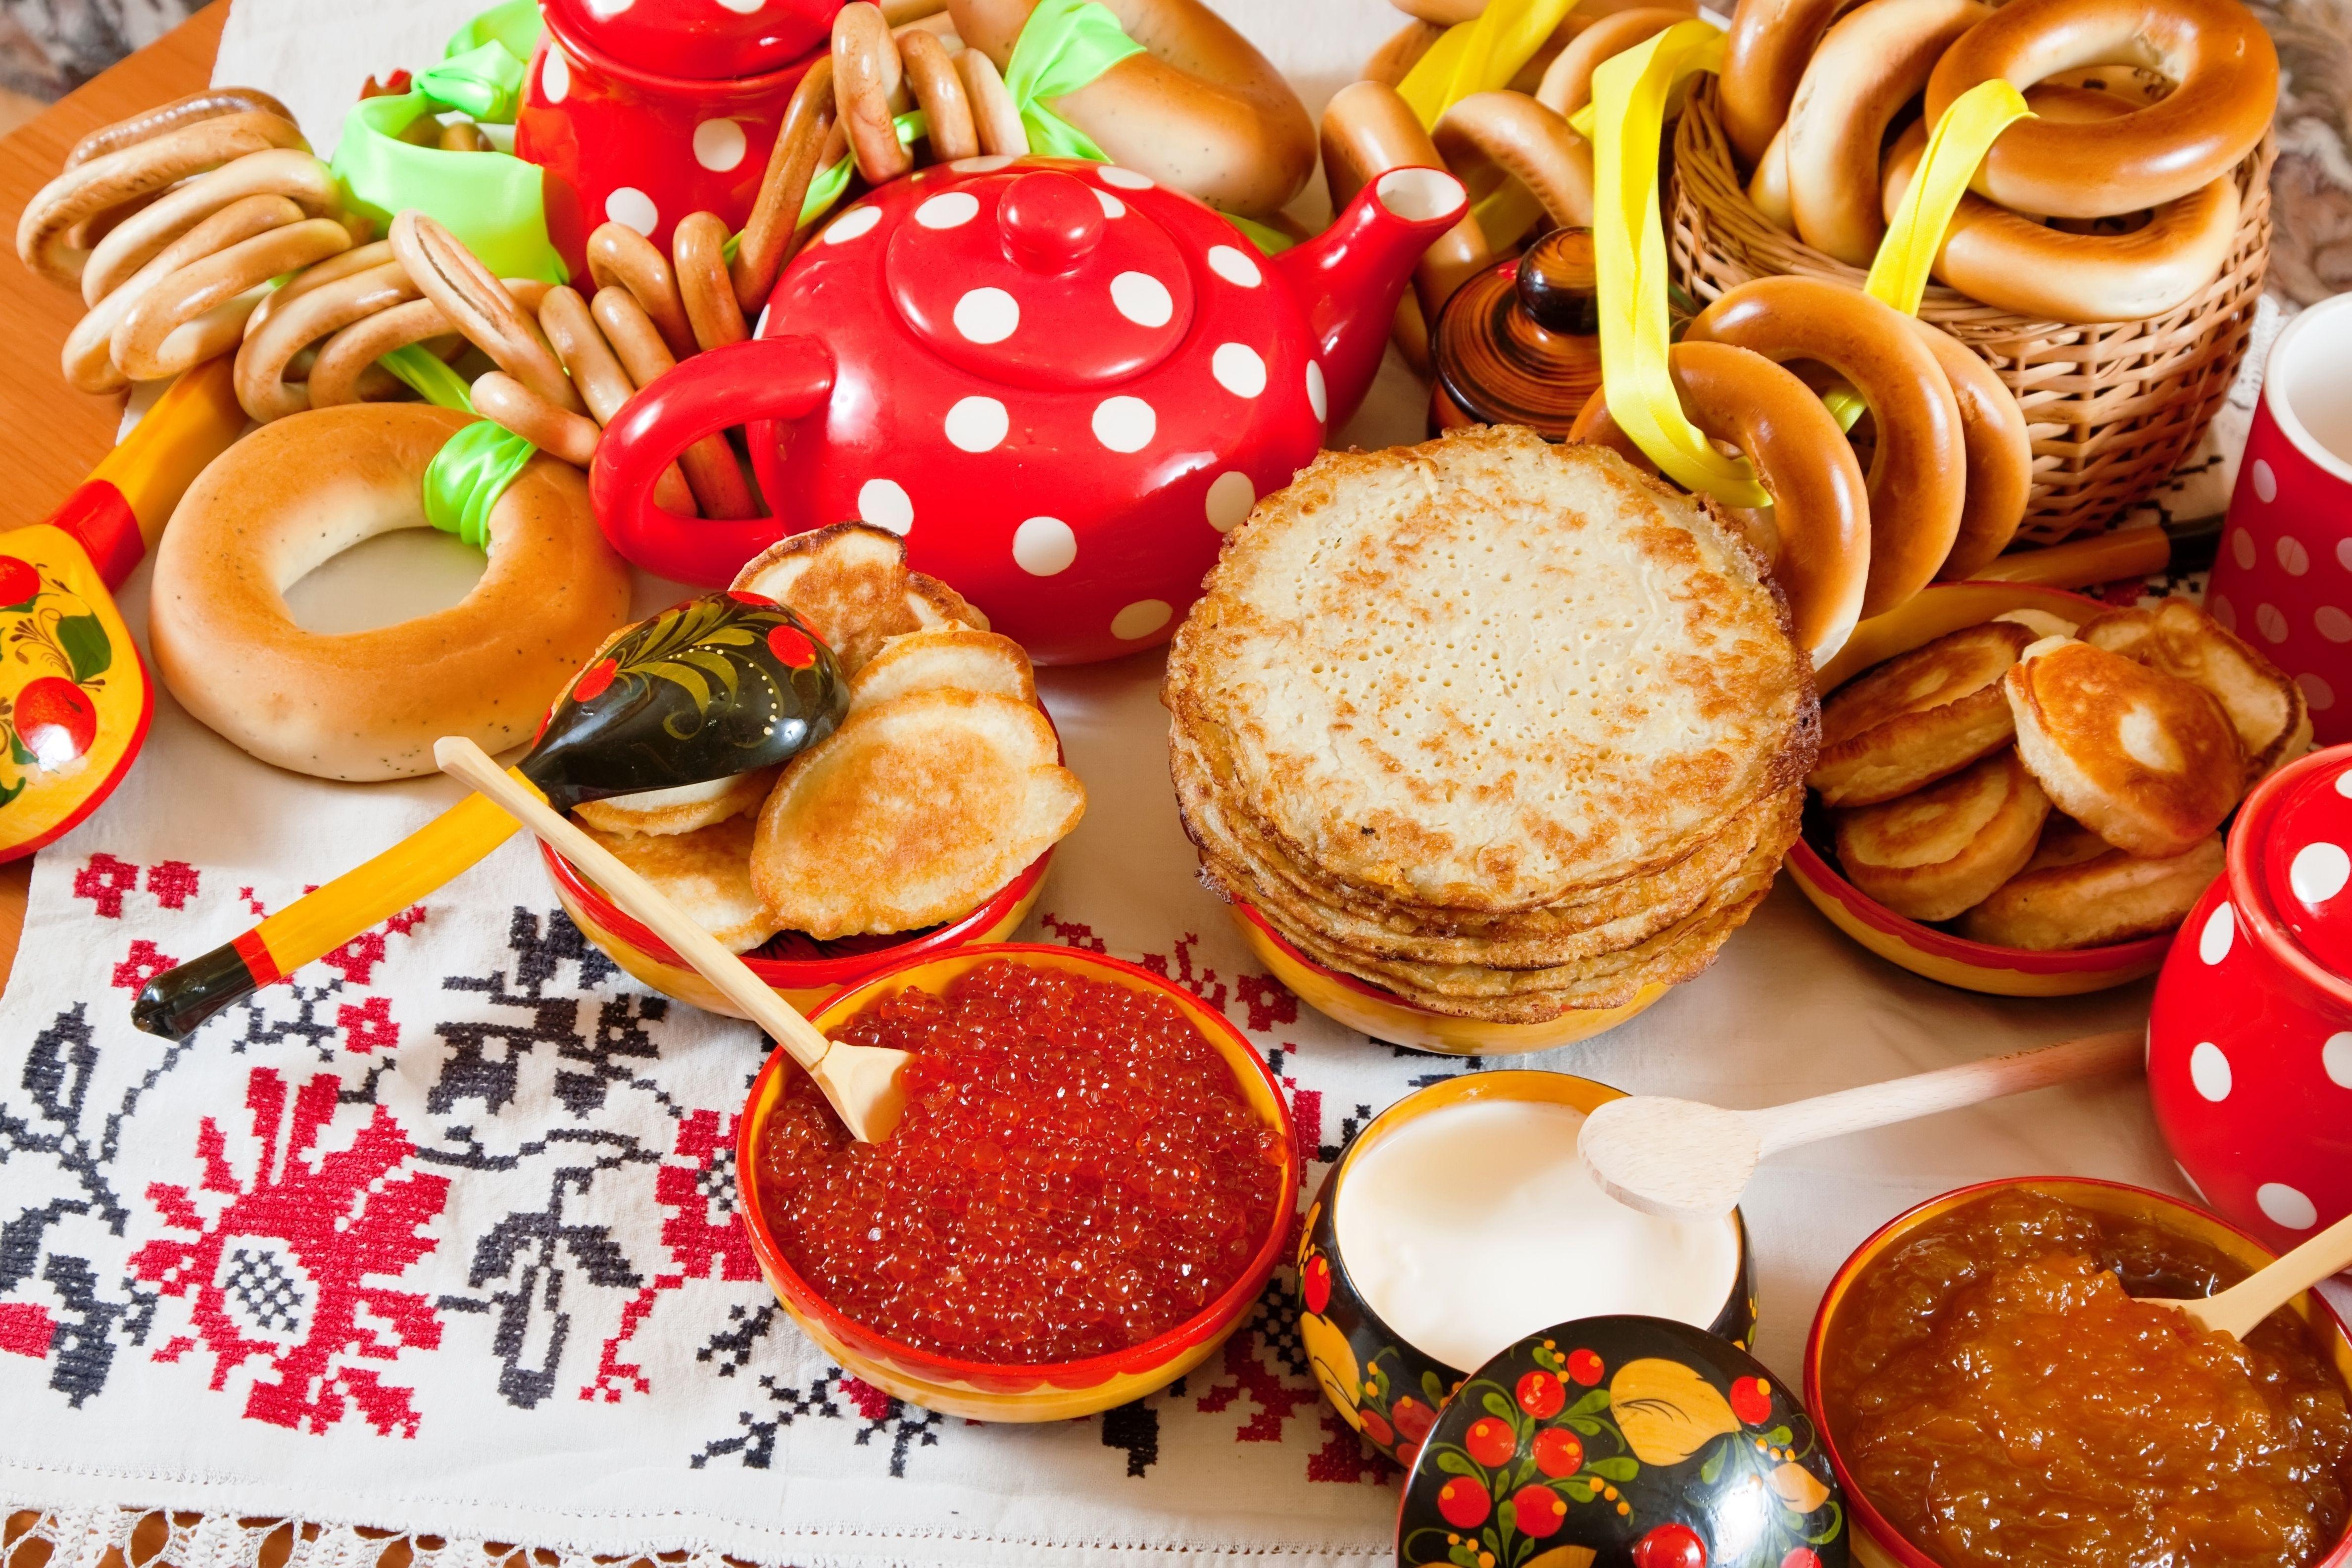 6 марта —третий день Масленицы «Лакомка»: чем угощать гостей